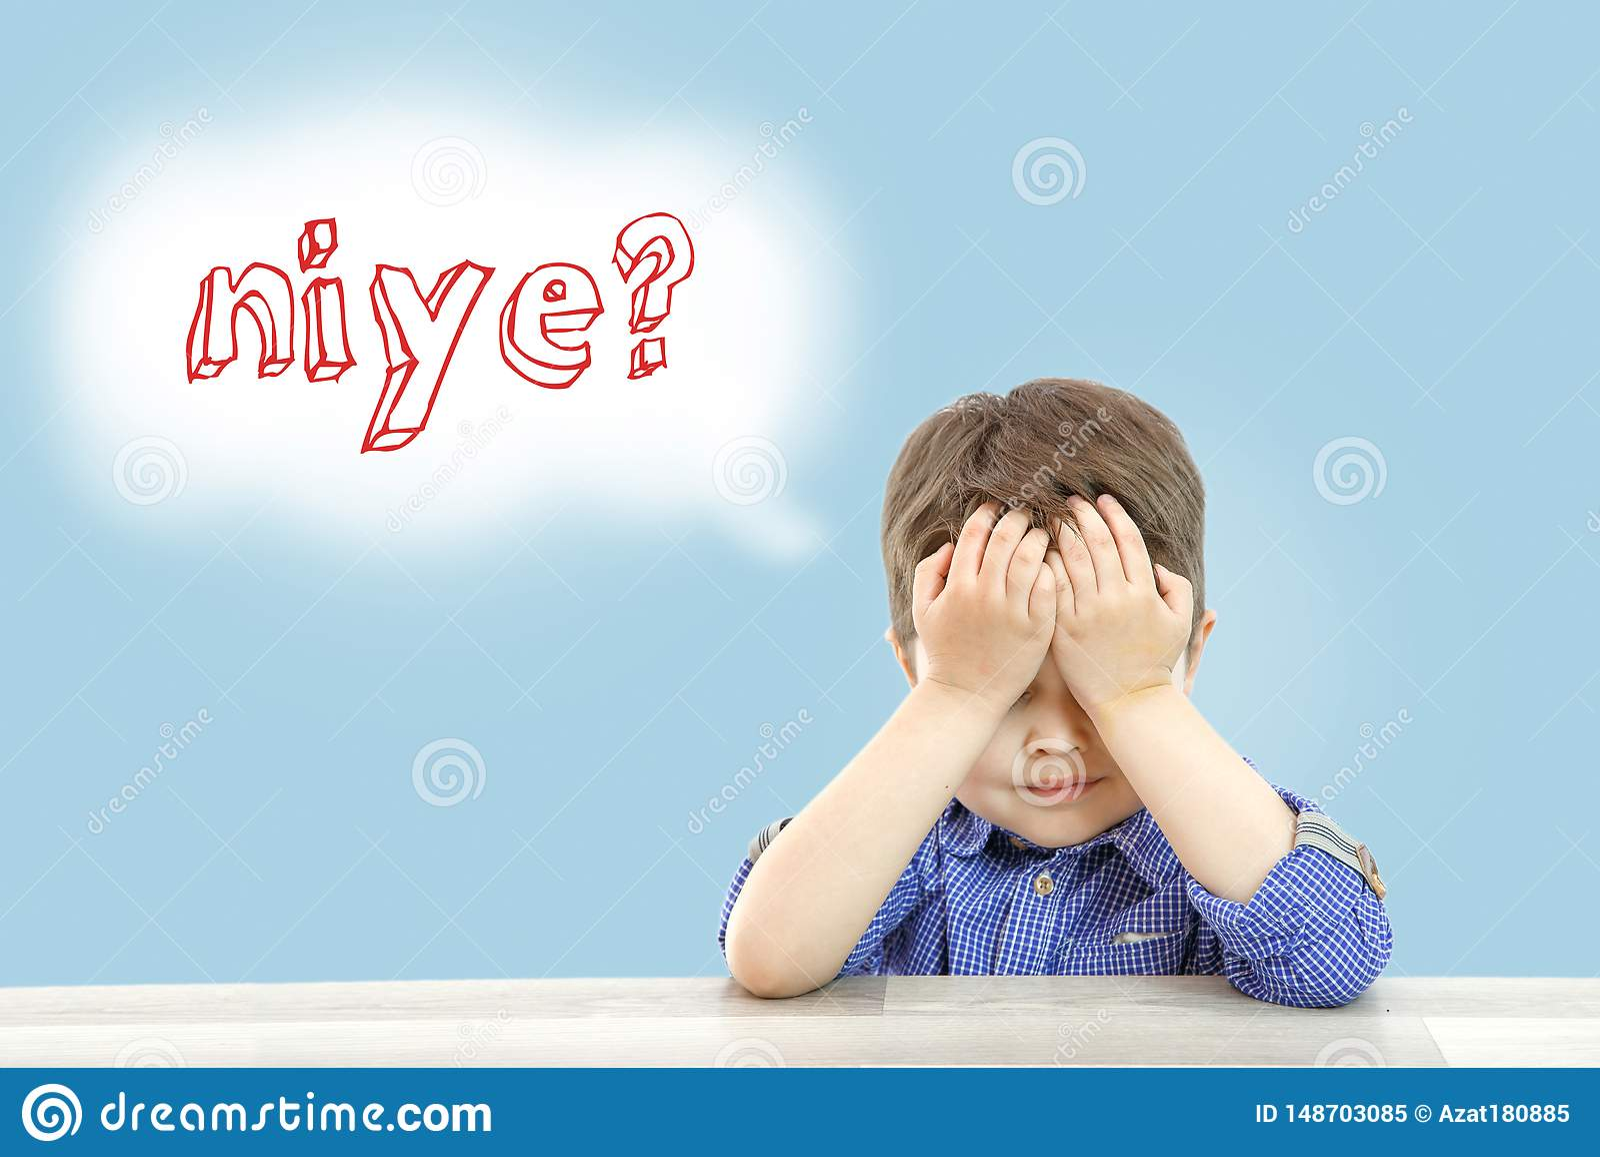 Den lilla gulliga pojken sitter och frågar därför i turkiskt språk på en isolerad bakgrund